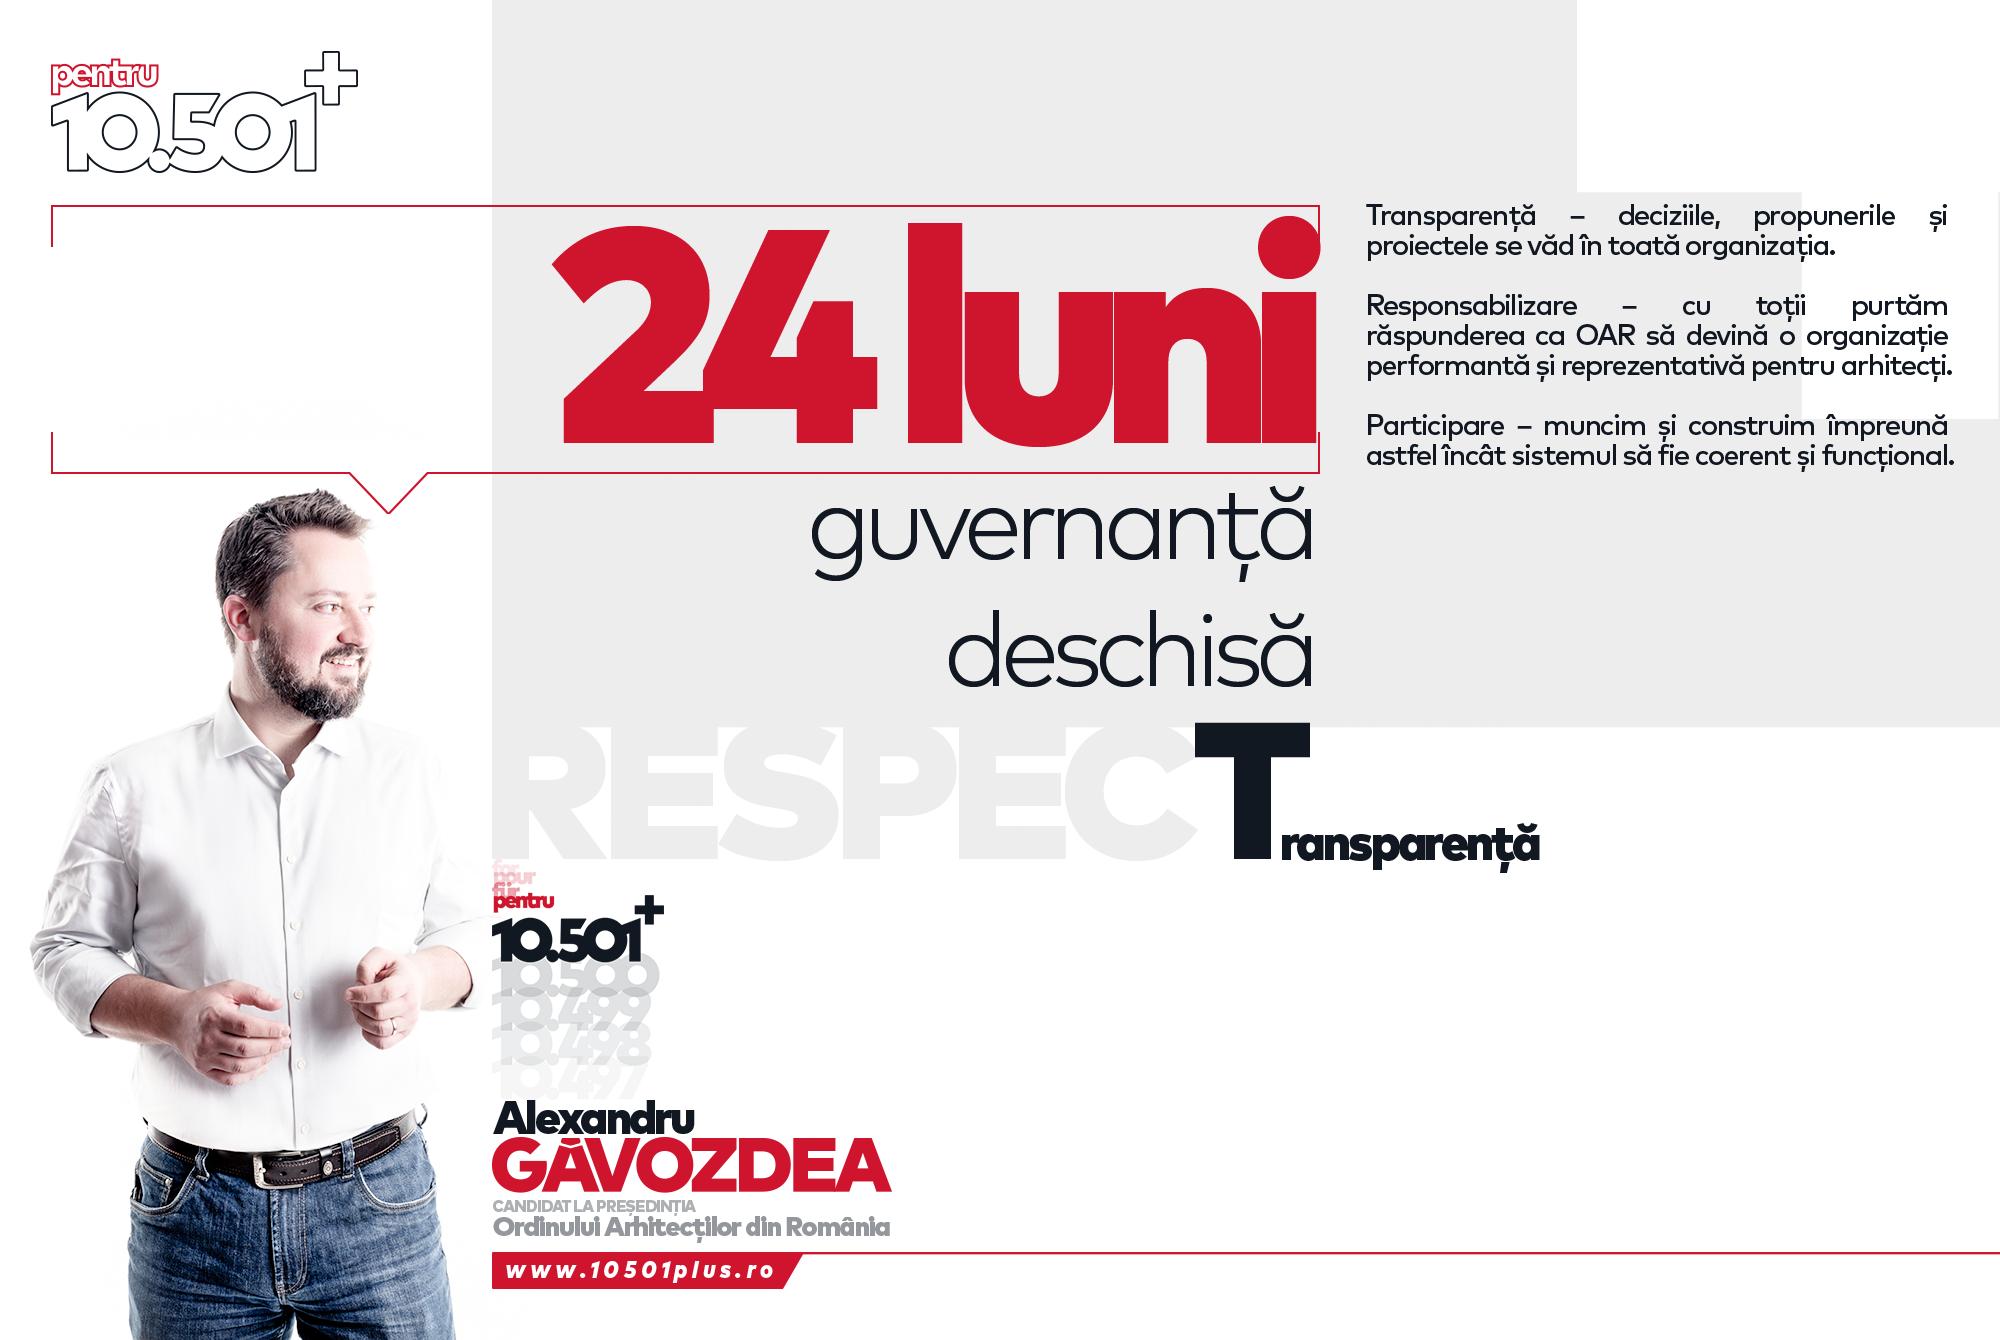 respecT: Transparență